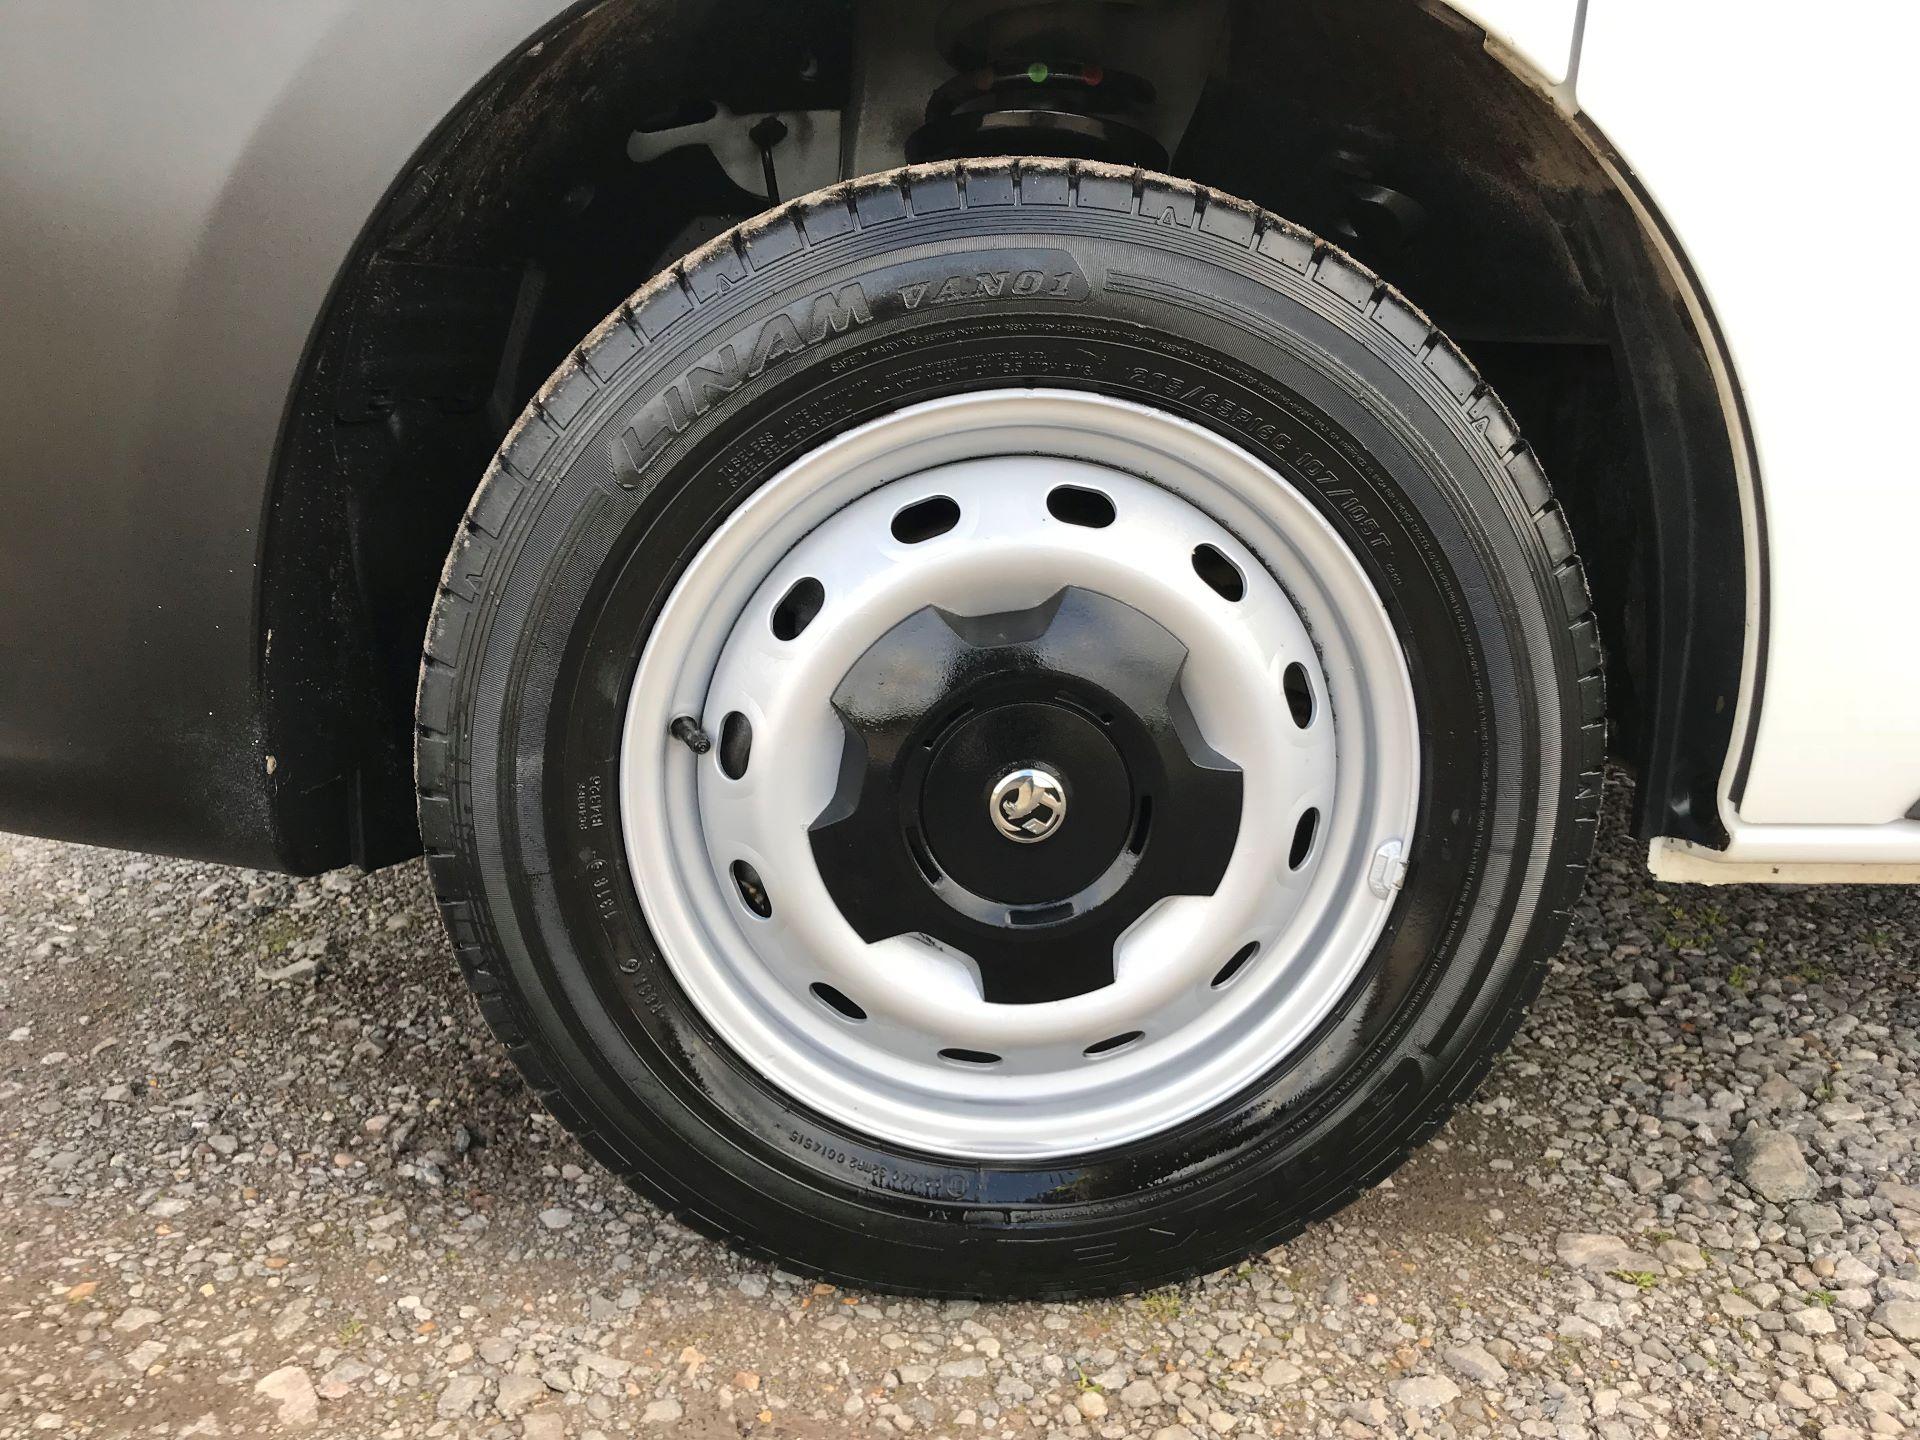 2017 Vauxhall Vivaro L2 H1 2900 1.6CDTI 120PS EURO 6 (DV67LTX) Image 20